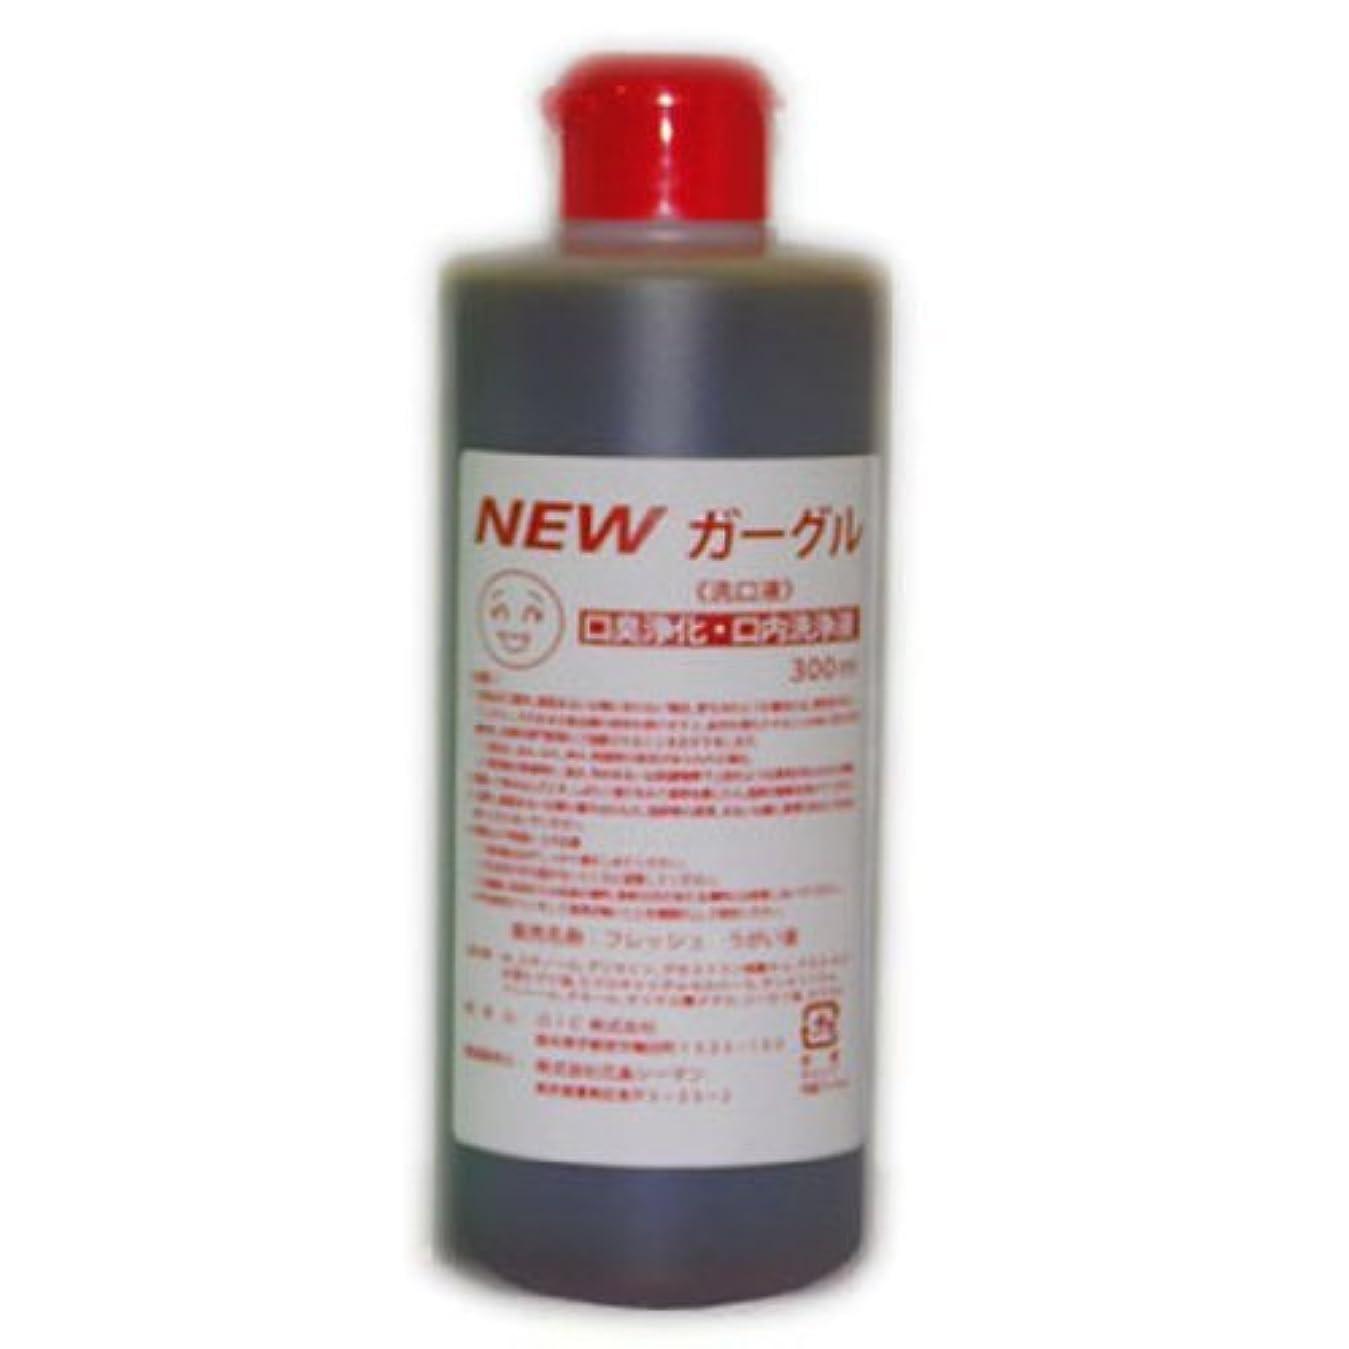 報復満足スナップフレッシュうがい液 マウスウォッシュ NEWガーグル 300ml 25倍濃縮お得タイプ(セット商品) (ブラウン10本セット)